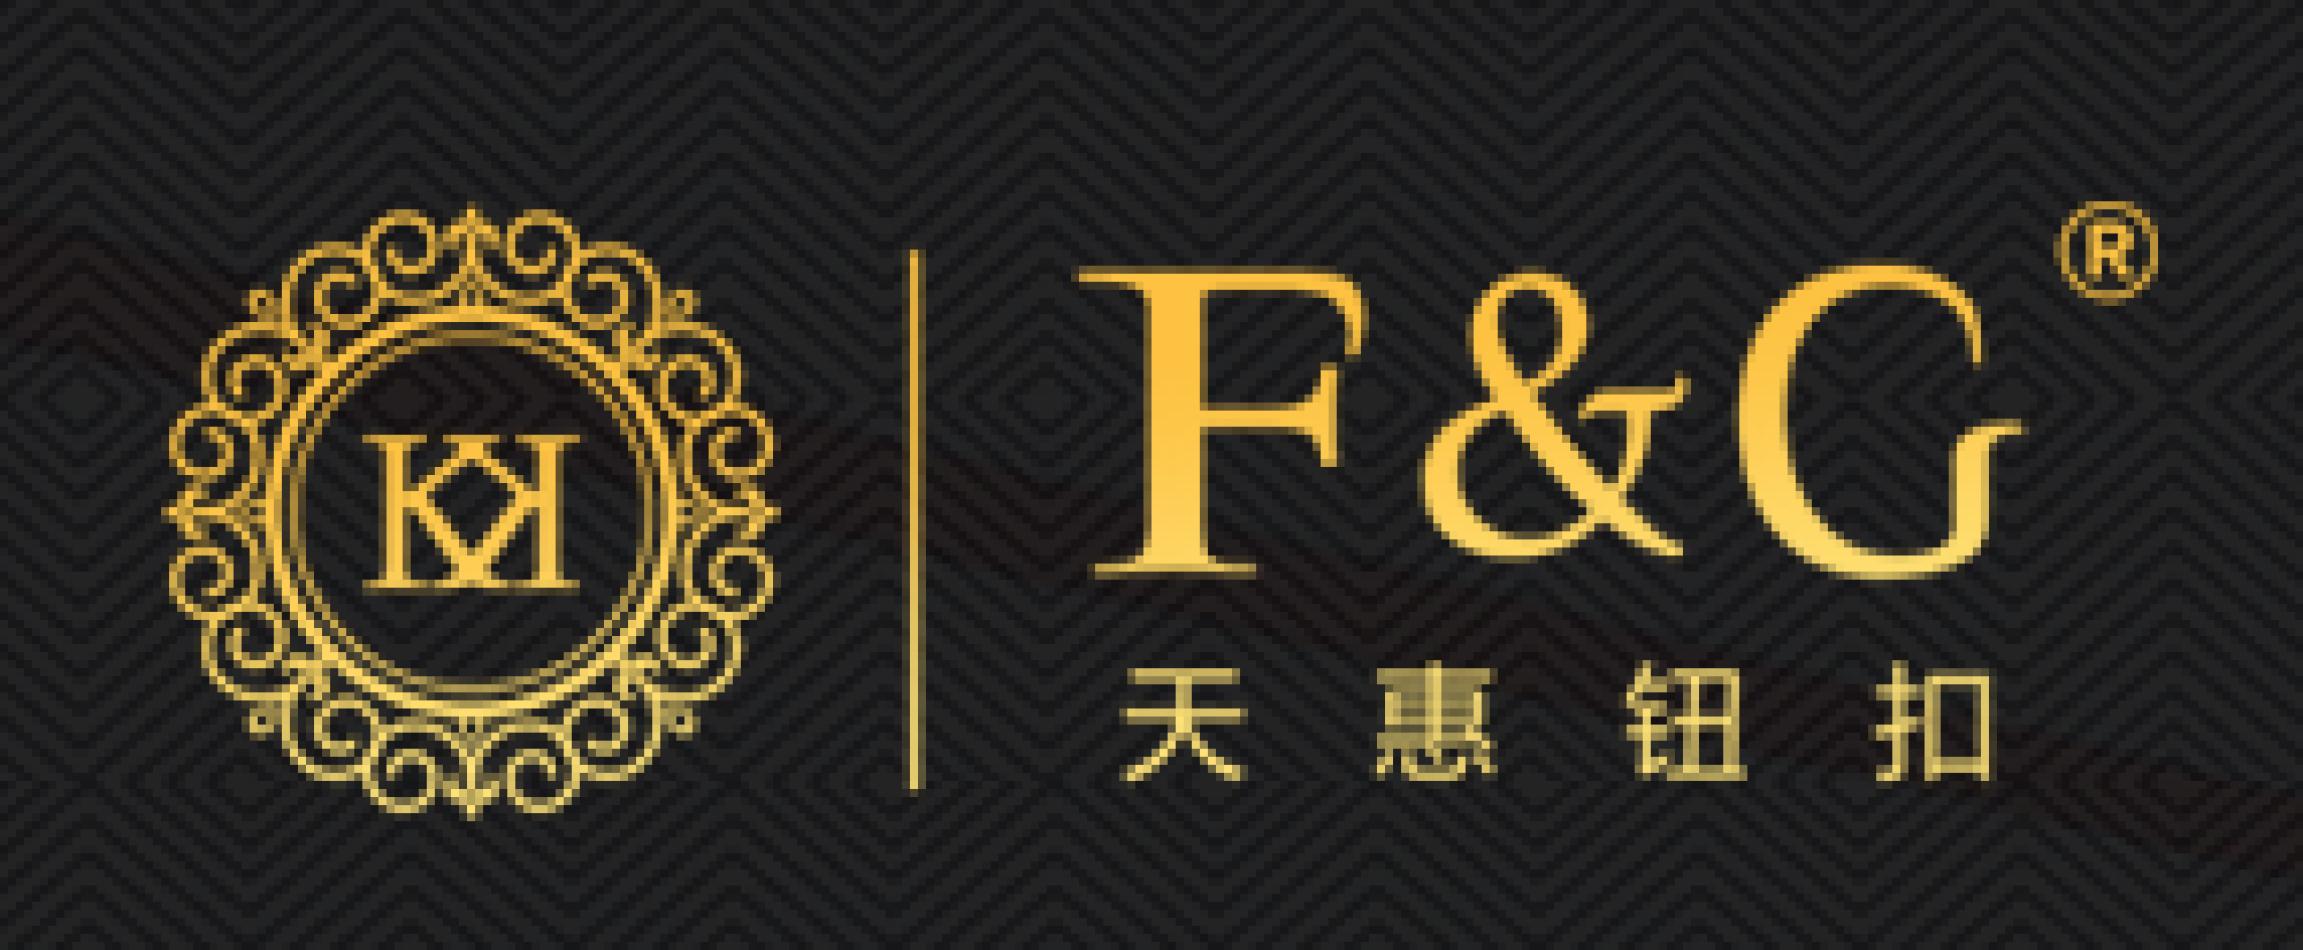 JIASHAN TIANHUI GARMENT CO., LTD/JIAXING FANGAO E-COMMERCE CO.,LTD